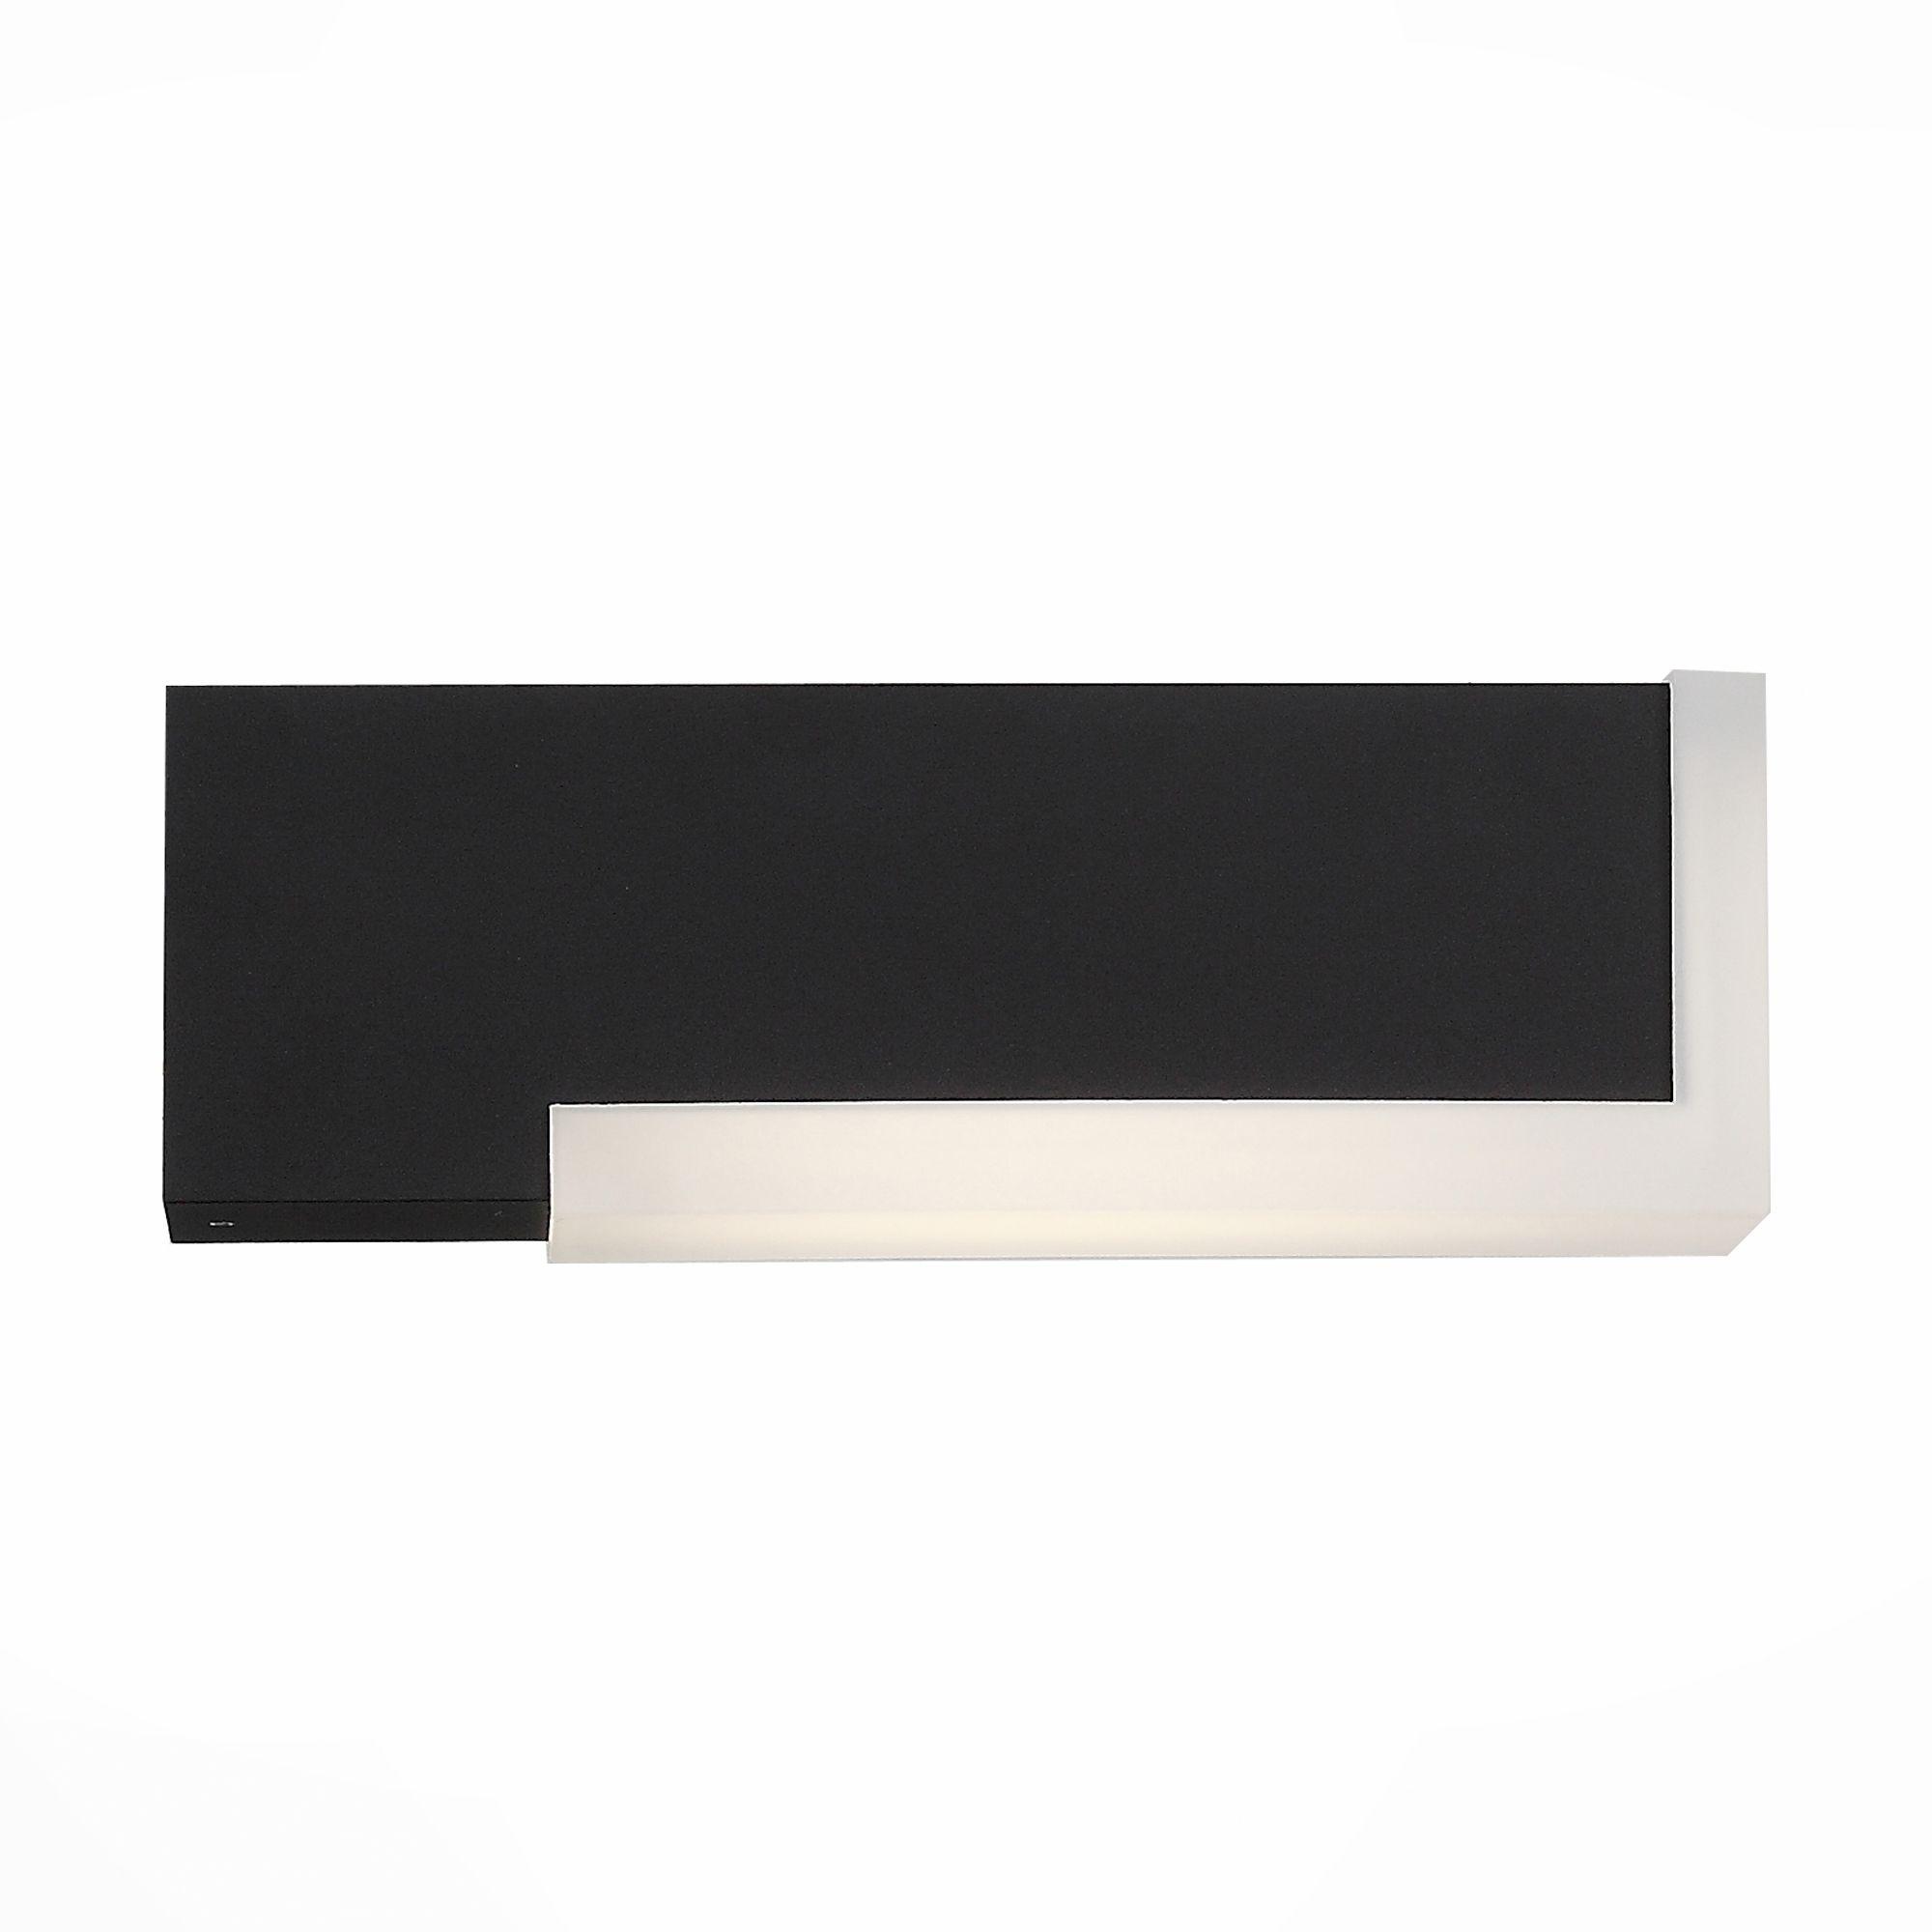 Светильник уличный настенный ST-Luce Черный/Белый LED 2*2W SL096.401.02